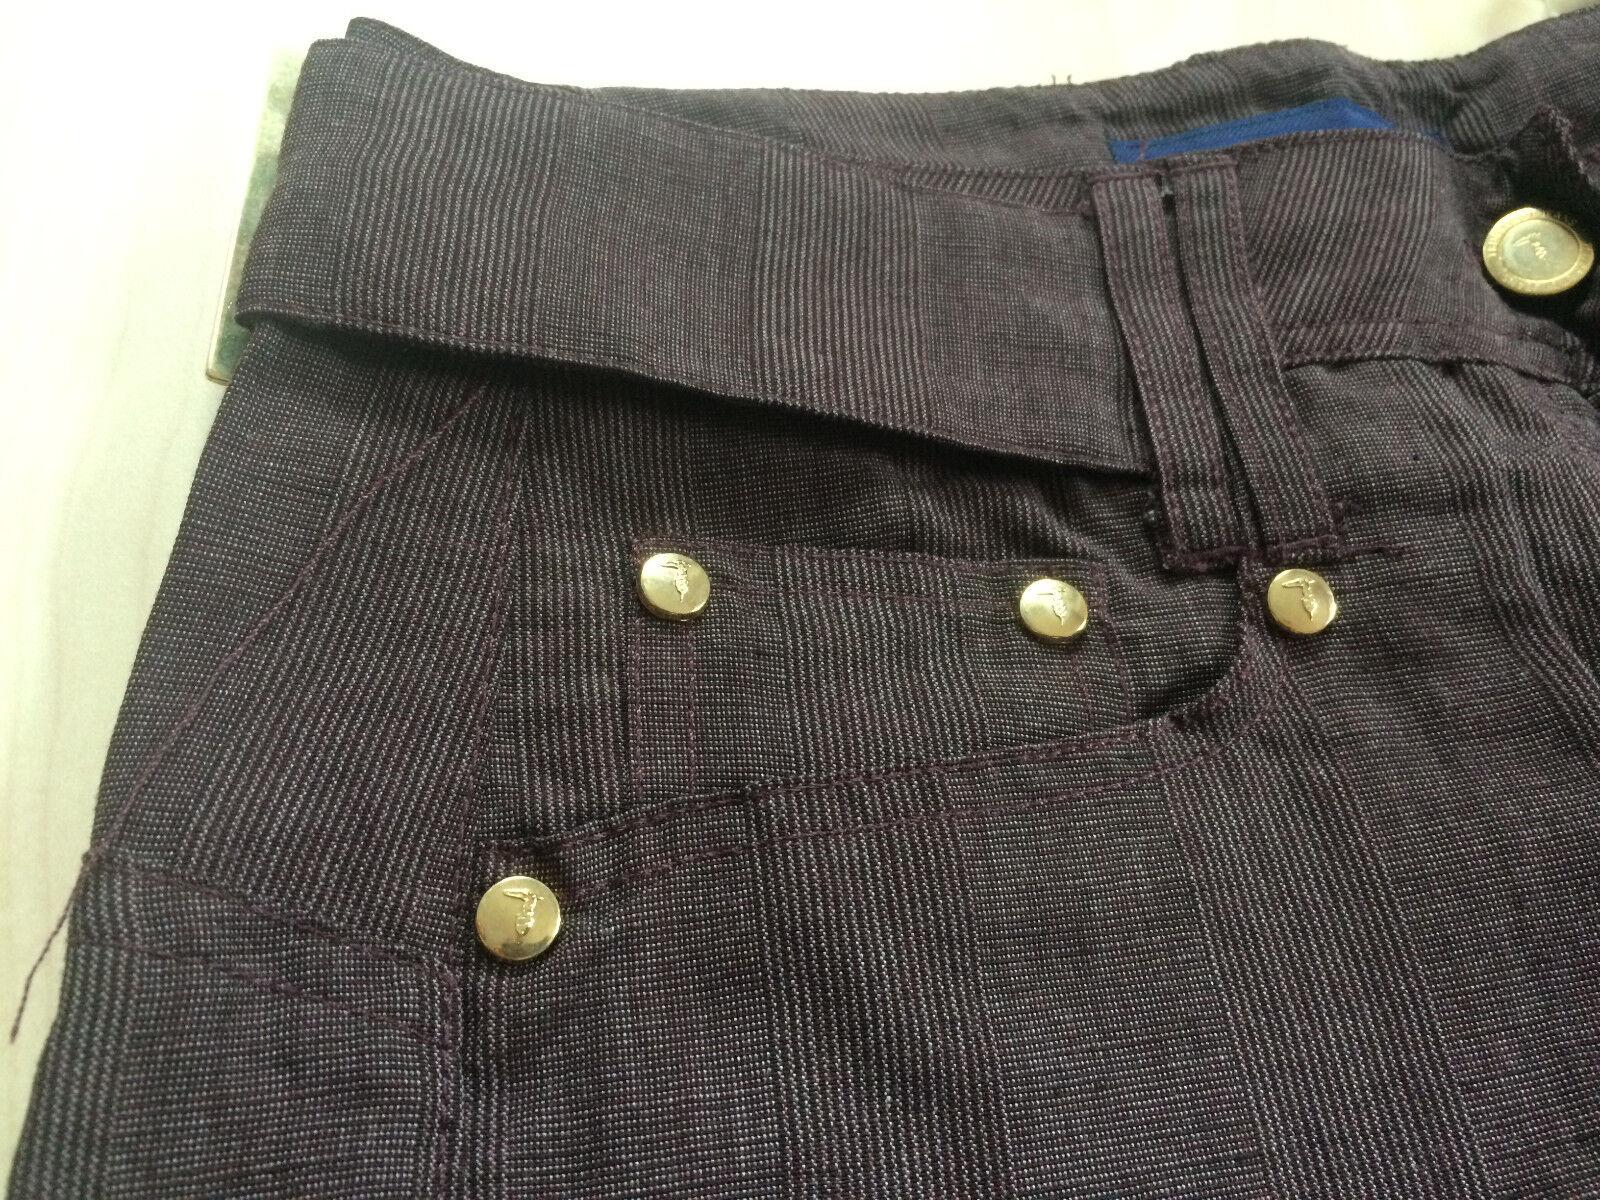 TRUSSARDI Jeans  Bermudas  Gr. 36 36 36 38  Nadelstreifen  overdyed  NEU | Attraktiv Und Langlebig  05dee7